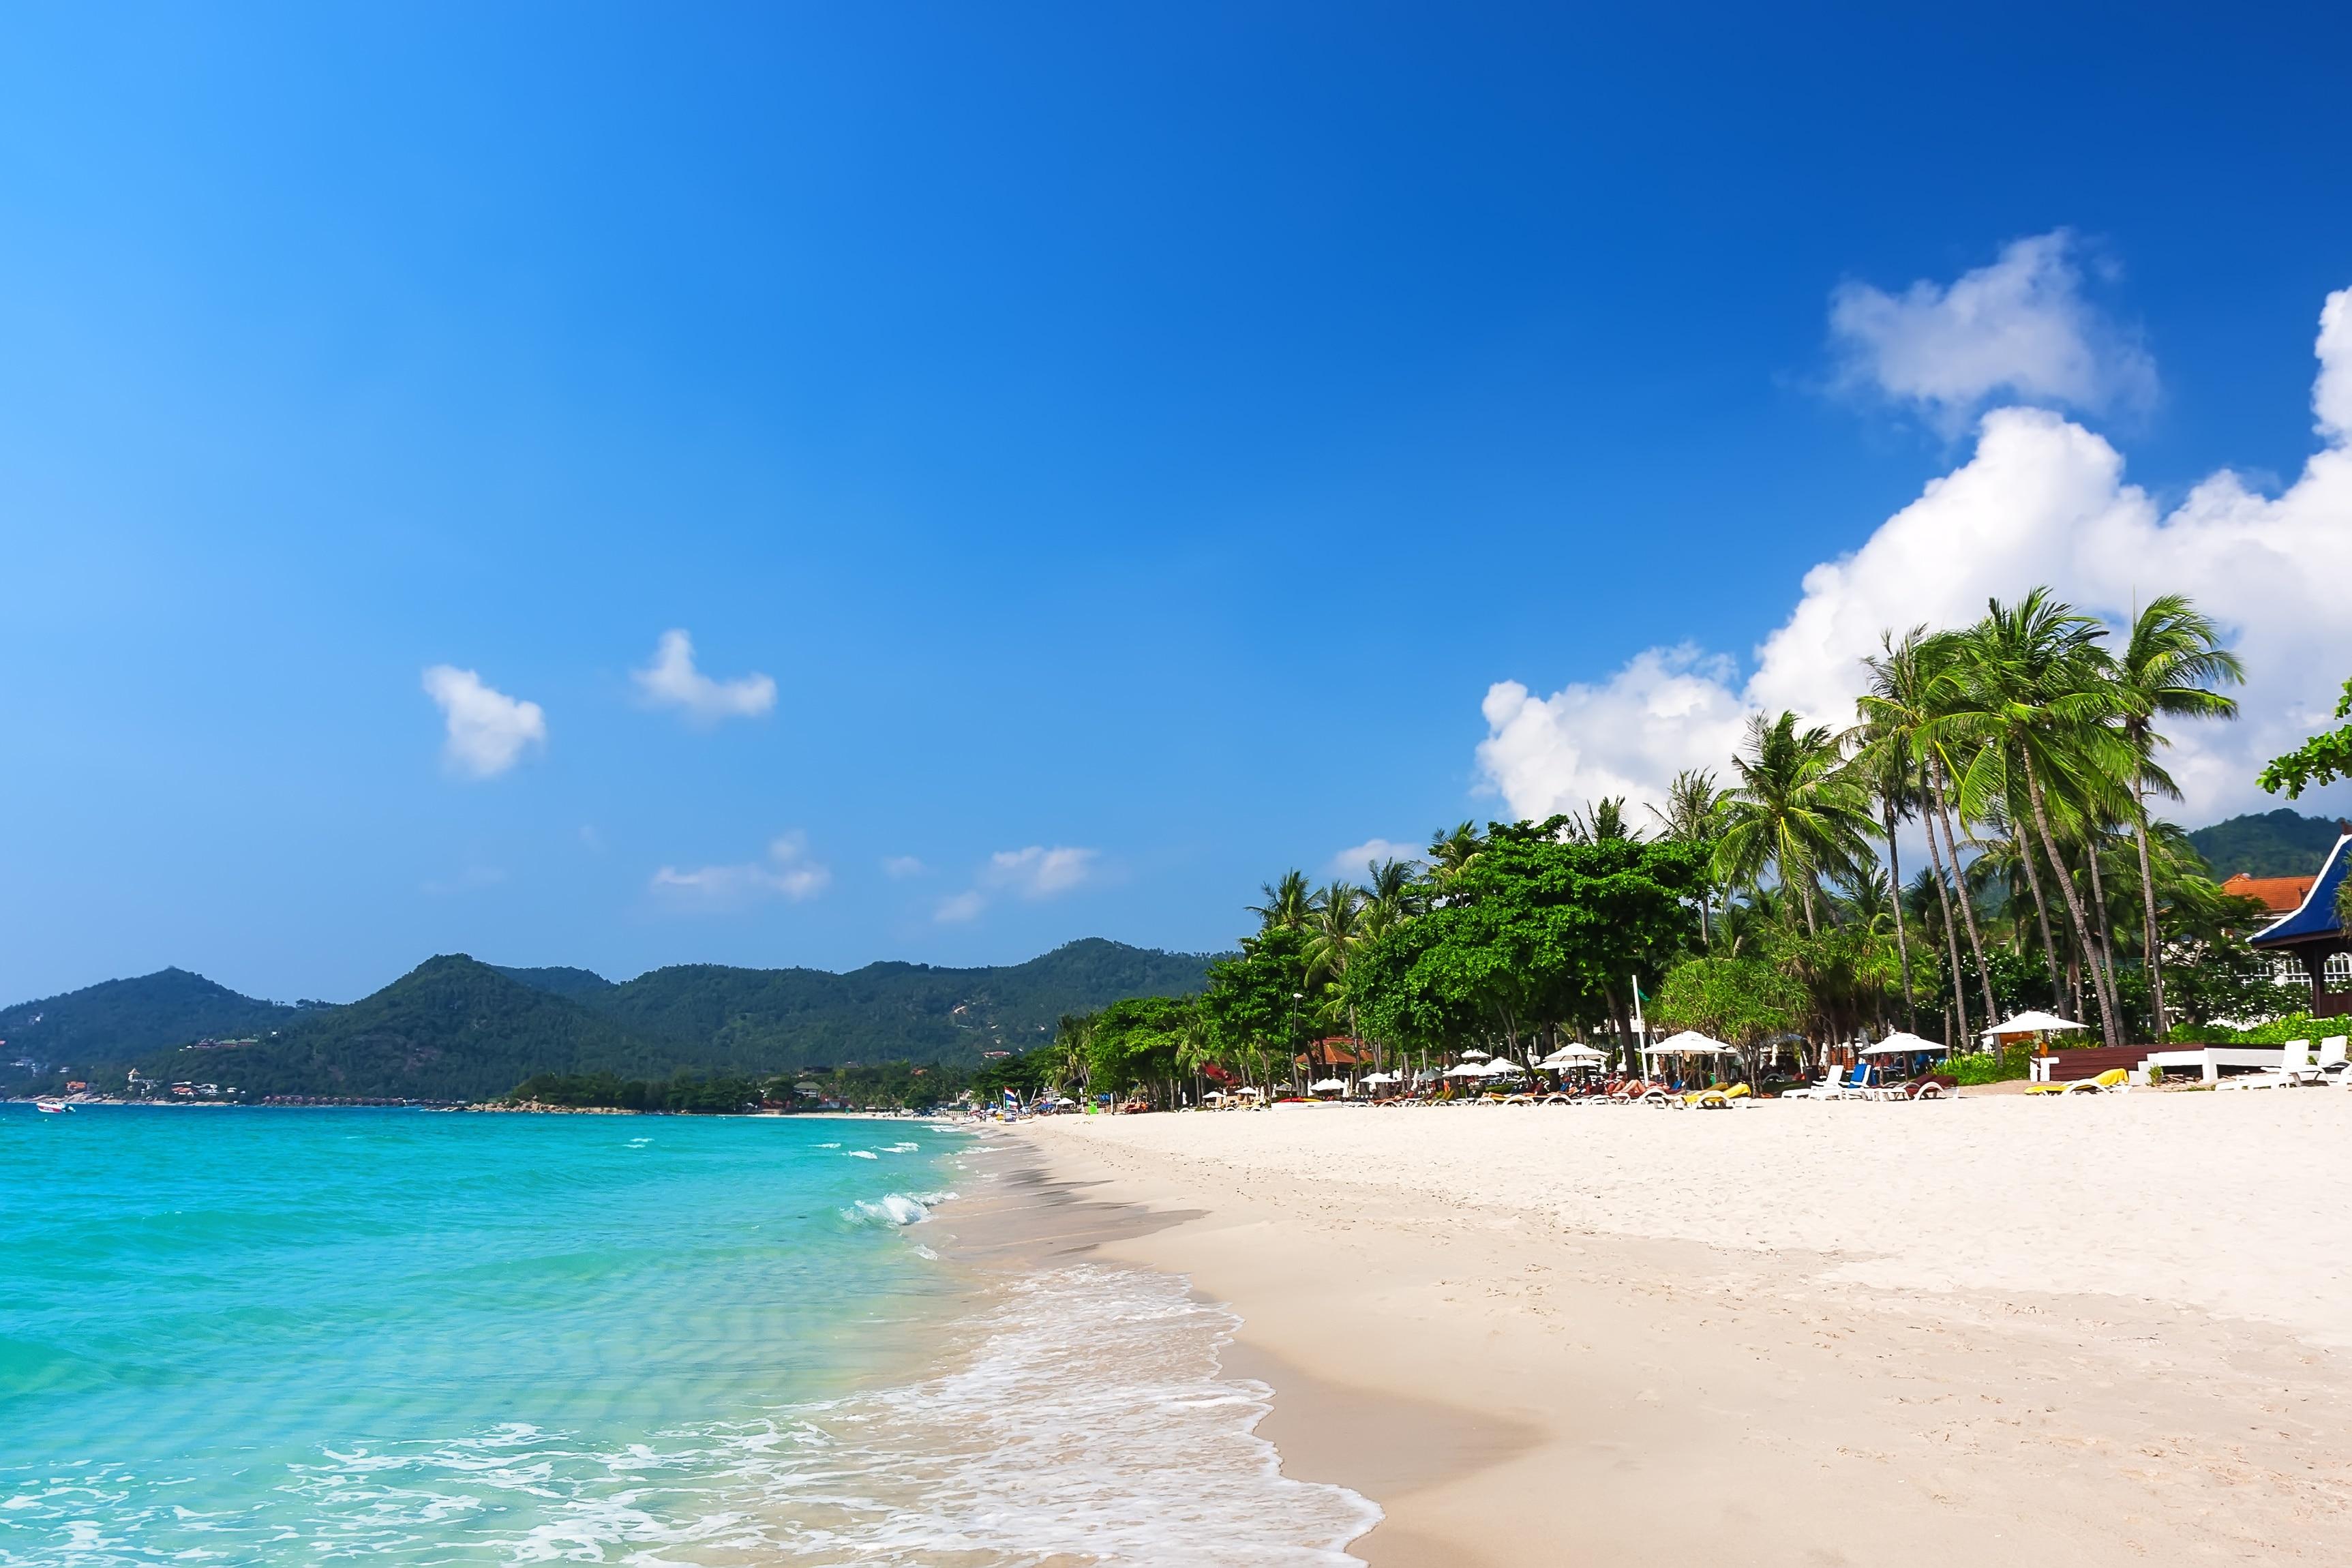 Chaweng Beach, Koh Samui, Surat Thani Province, Thailand